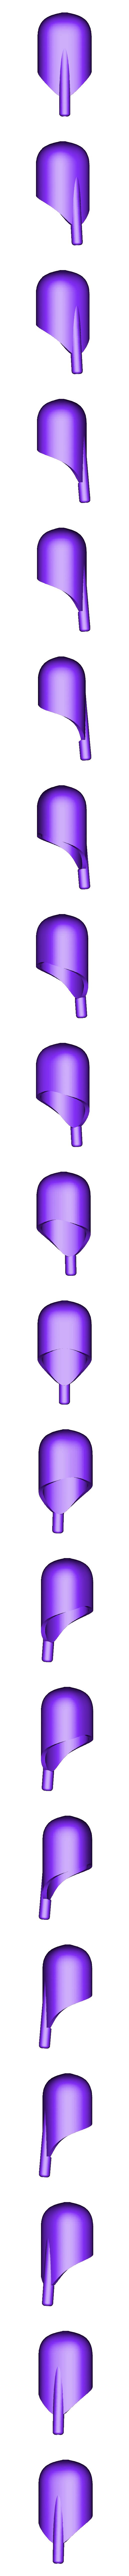 thimble5.stl Télécharger fichier STL gratuit Kara Kesh (arme de poing goa'uld) • Plan pour imprimante 3D, poblocki1982